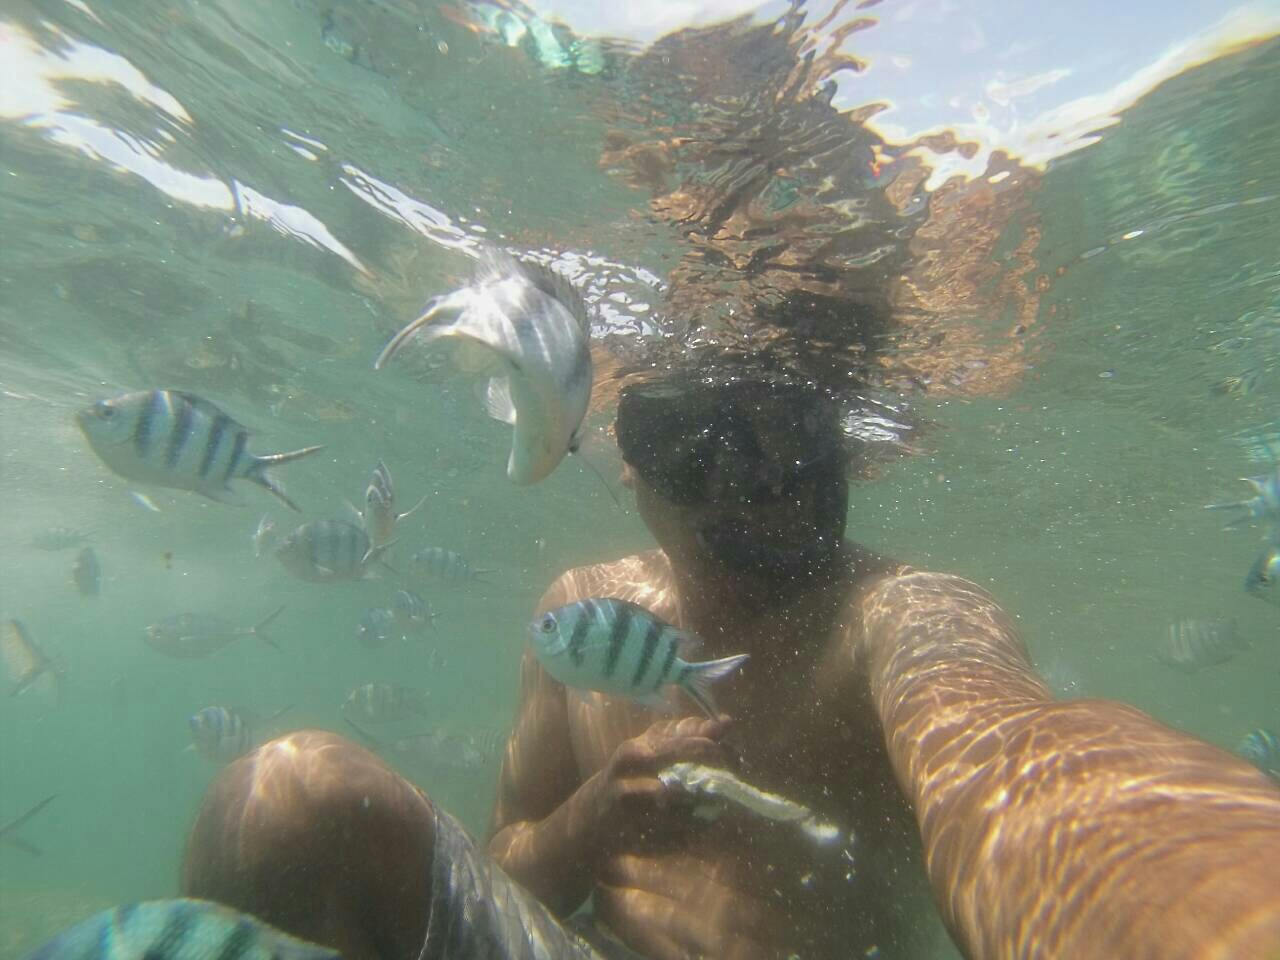 Приватные круизы и рыбалка на лонгтейле на острова Тан, Мадсум, Пять Сестер с юга Самуи, остров Самуи, Таиланд